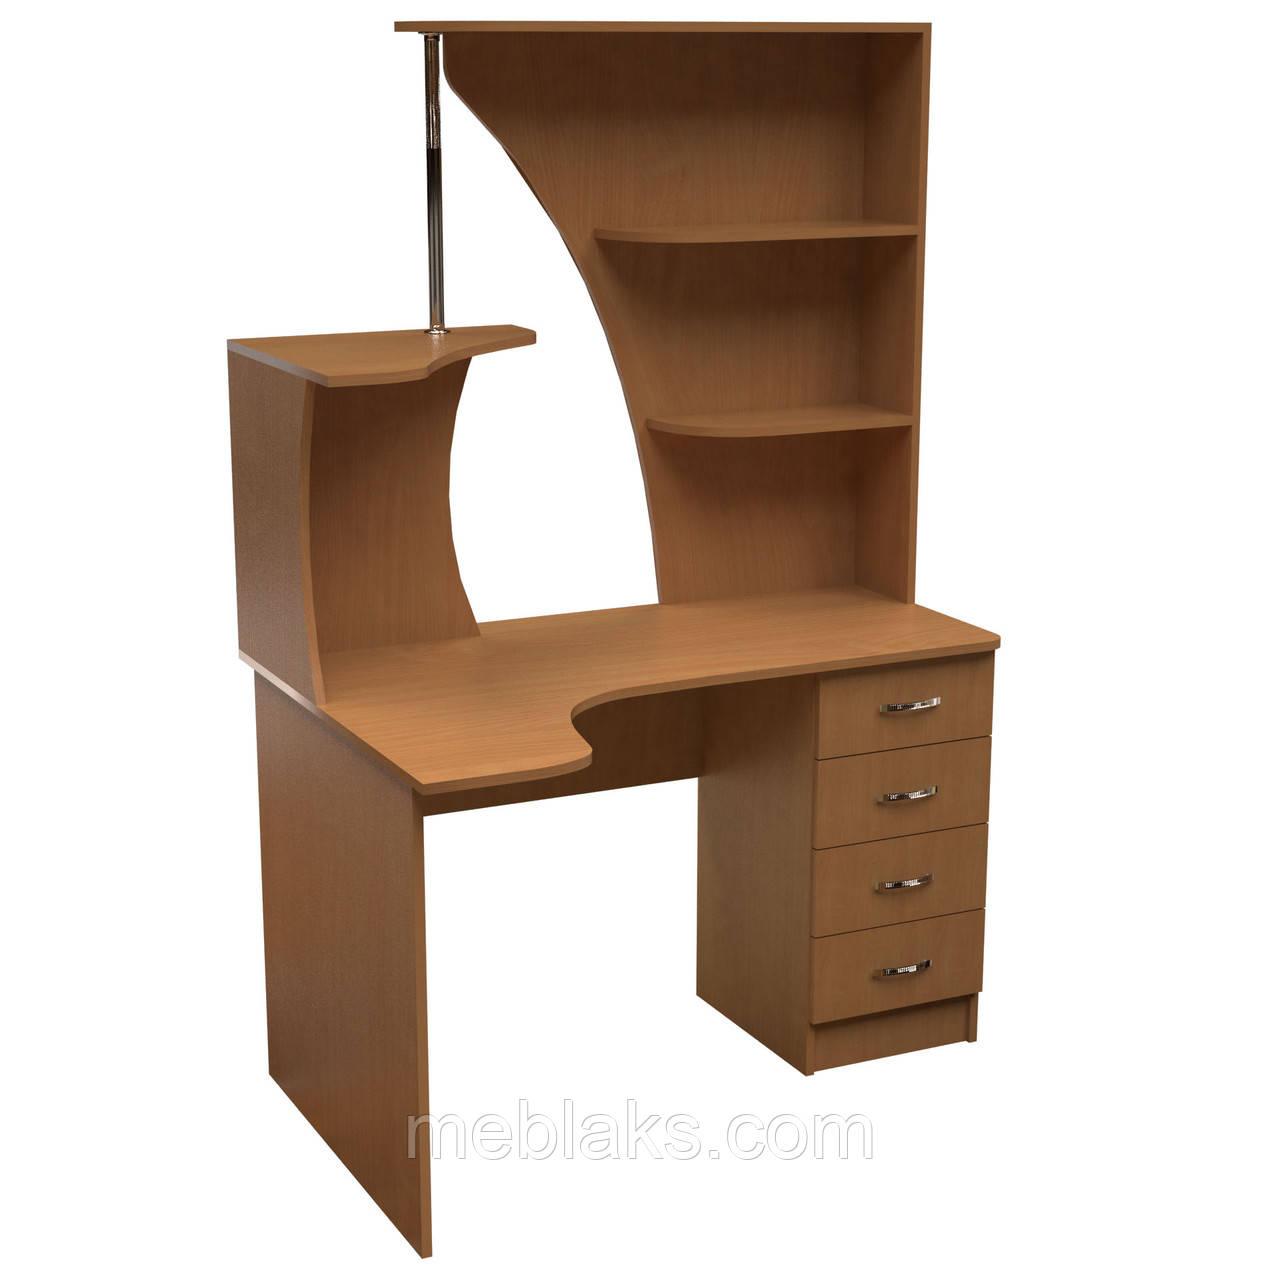 Компьютерный стол НСК 31